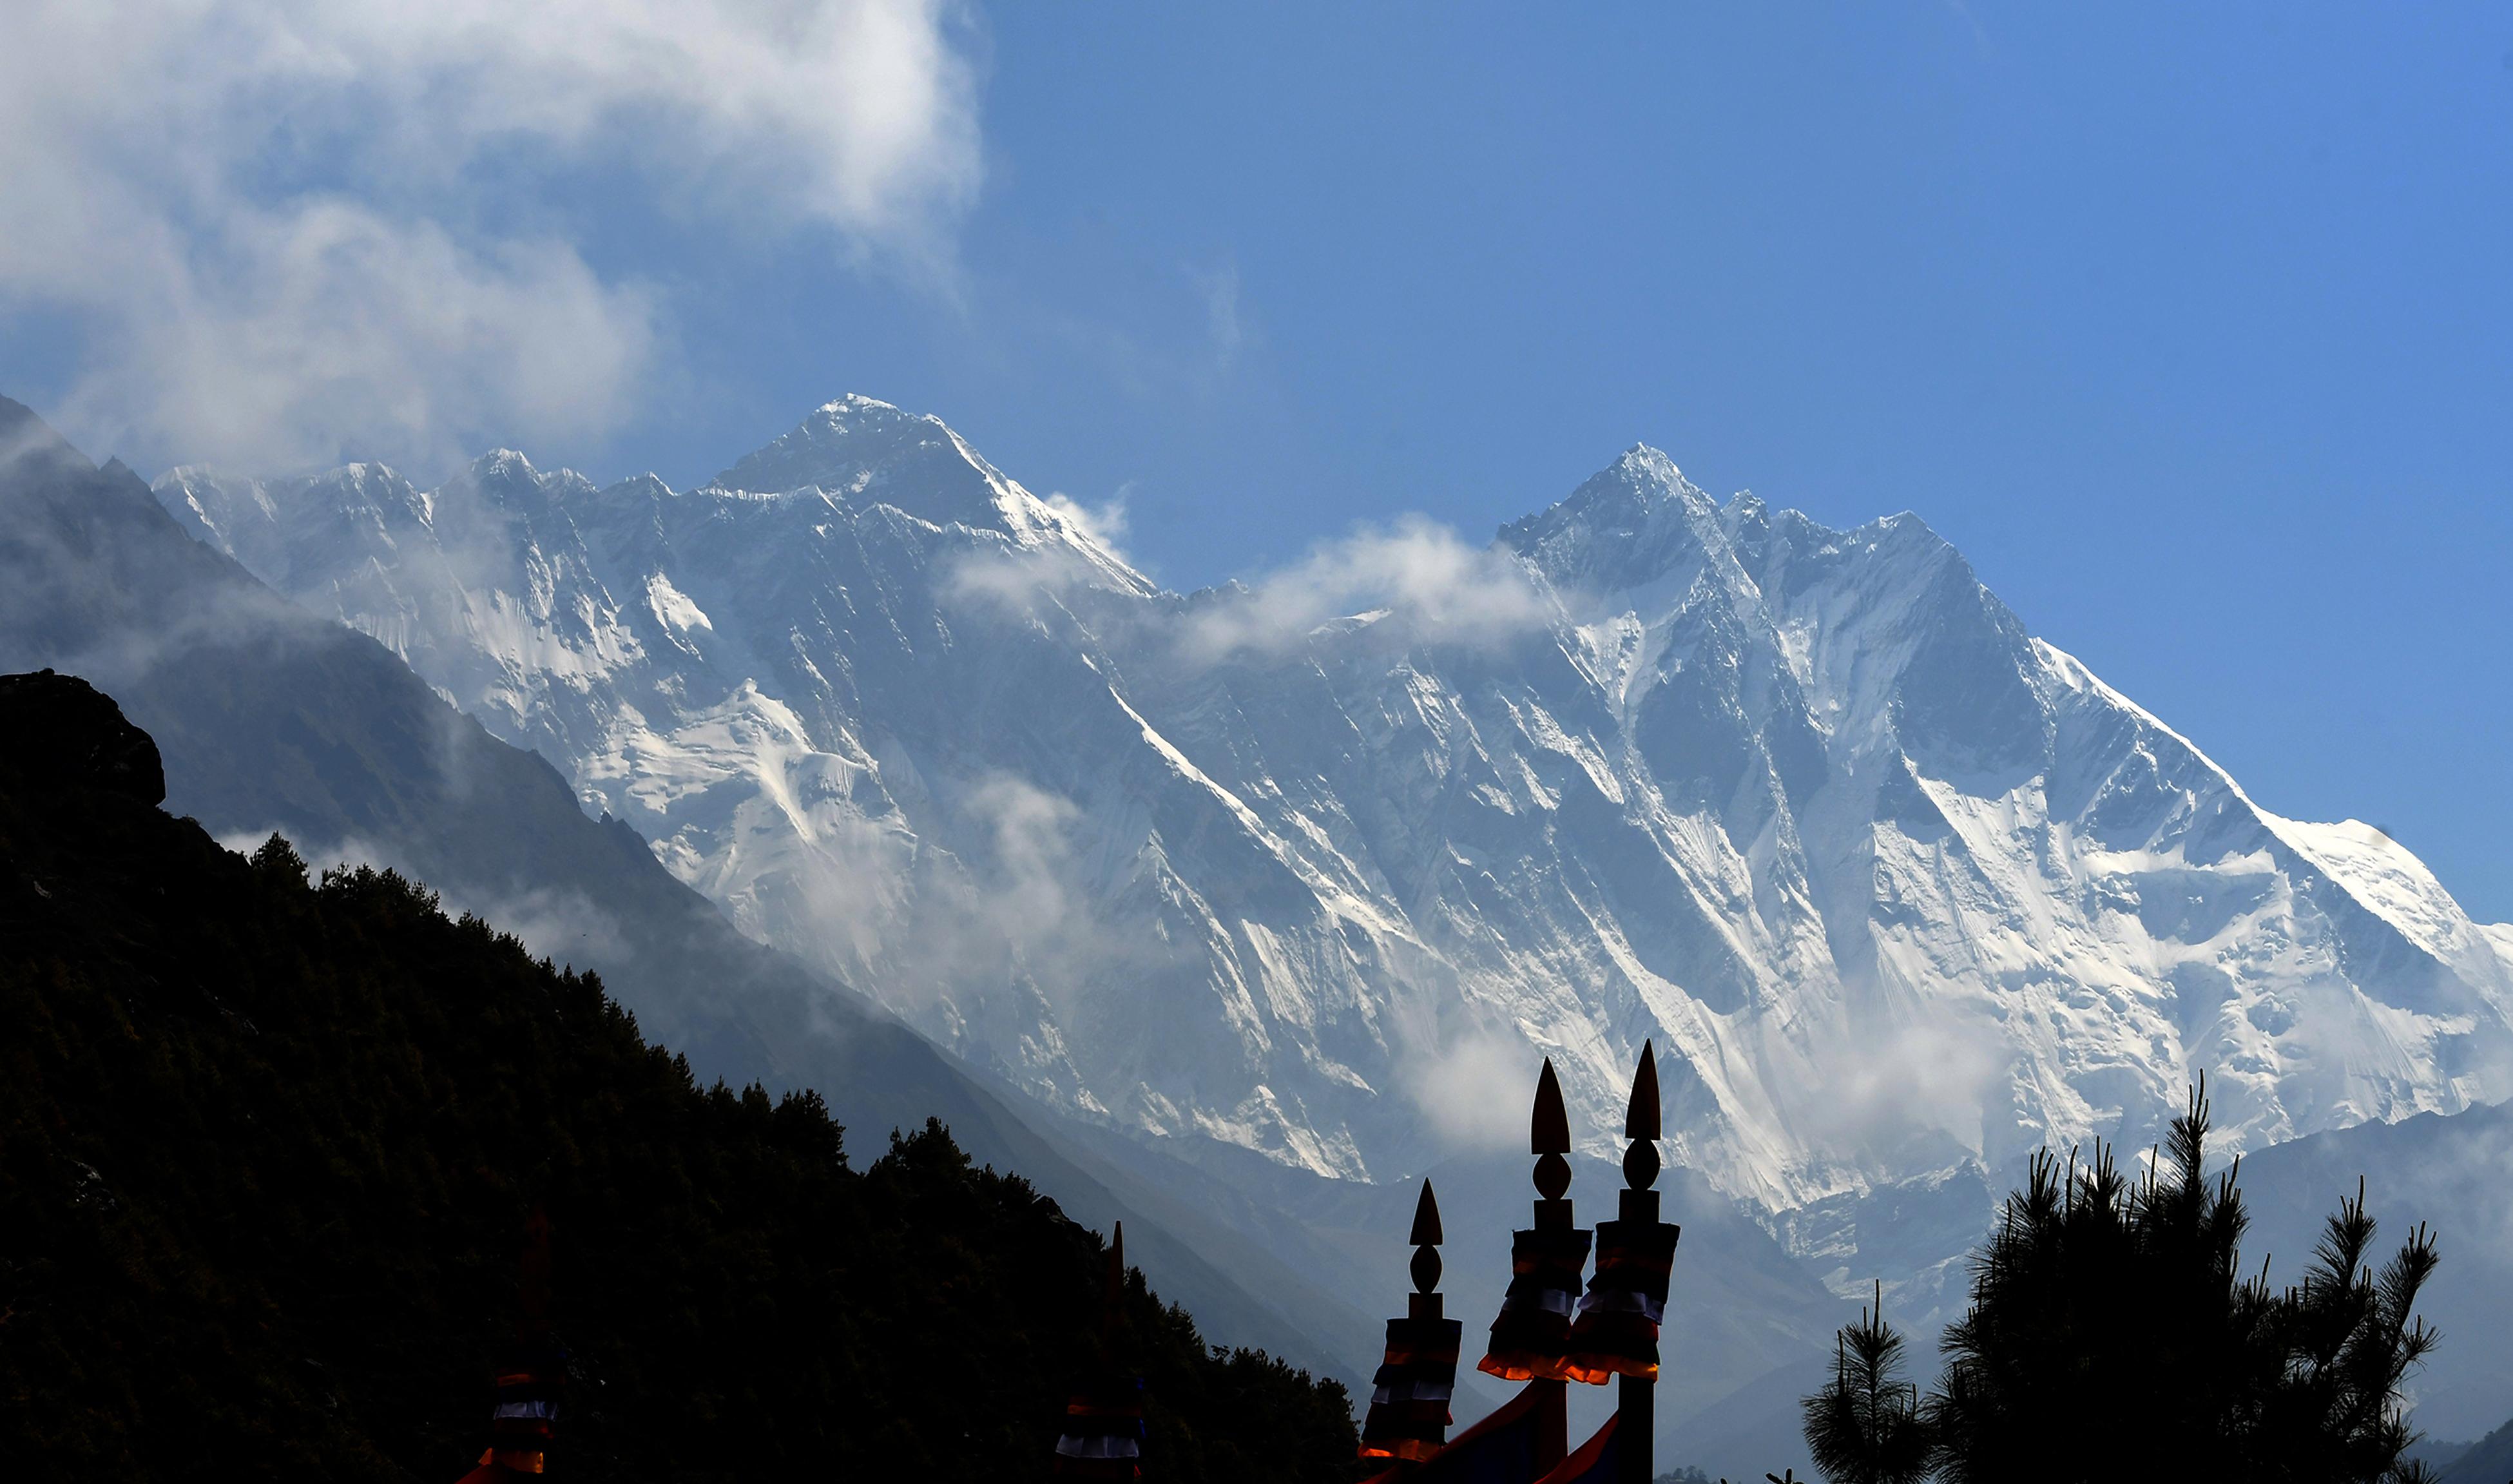 Rekordok az Everesten: csúcsra jutott a legidősebb amerikai hegymászó és a leggyorsabb nő is